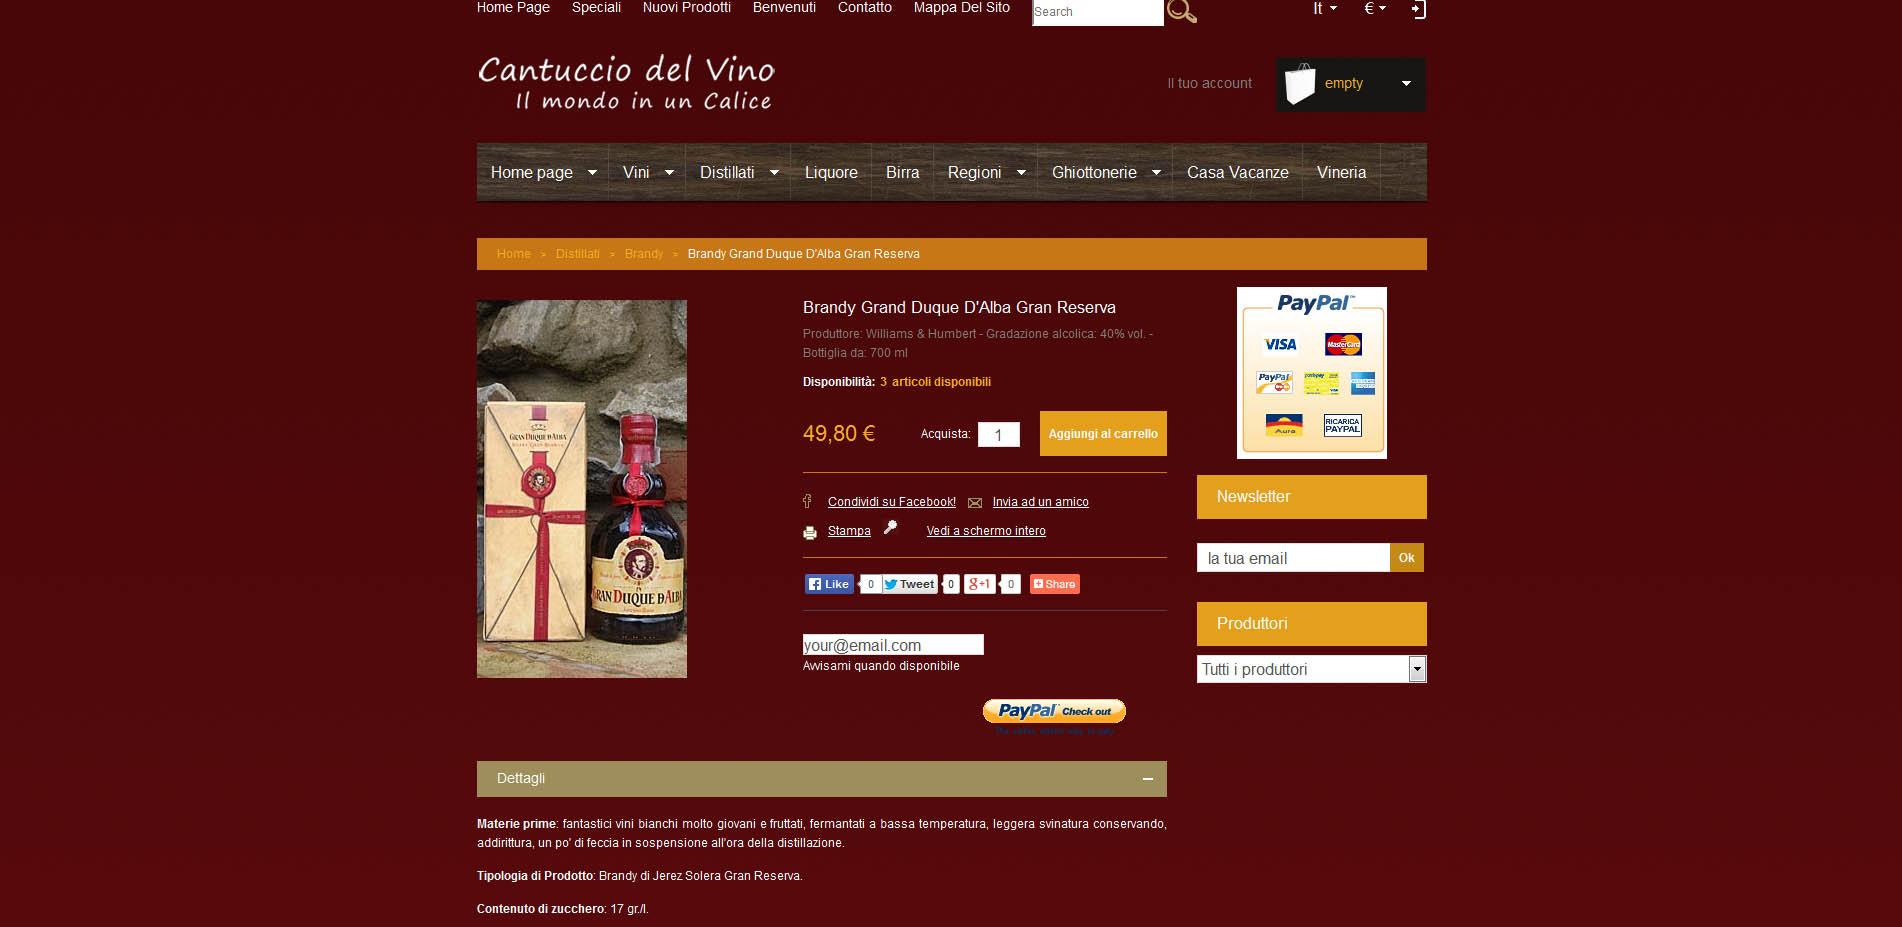 Cantuccio Del Vino